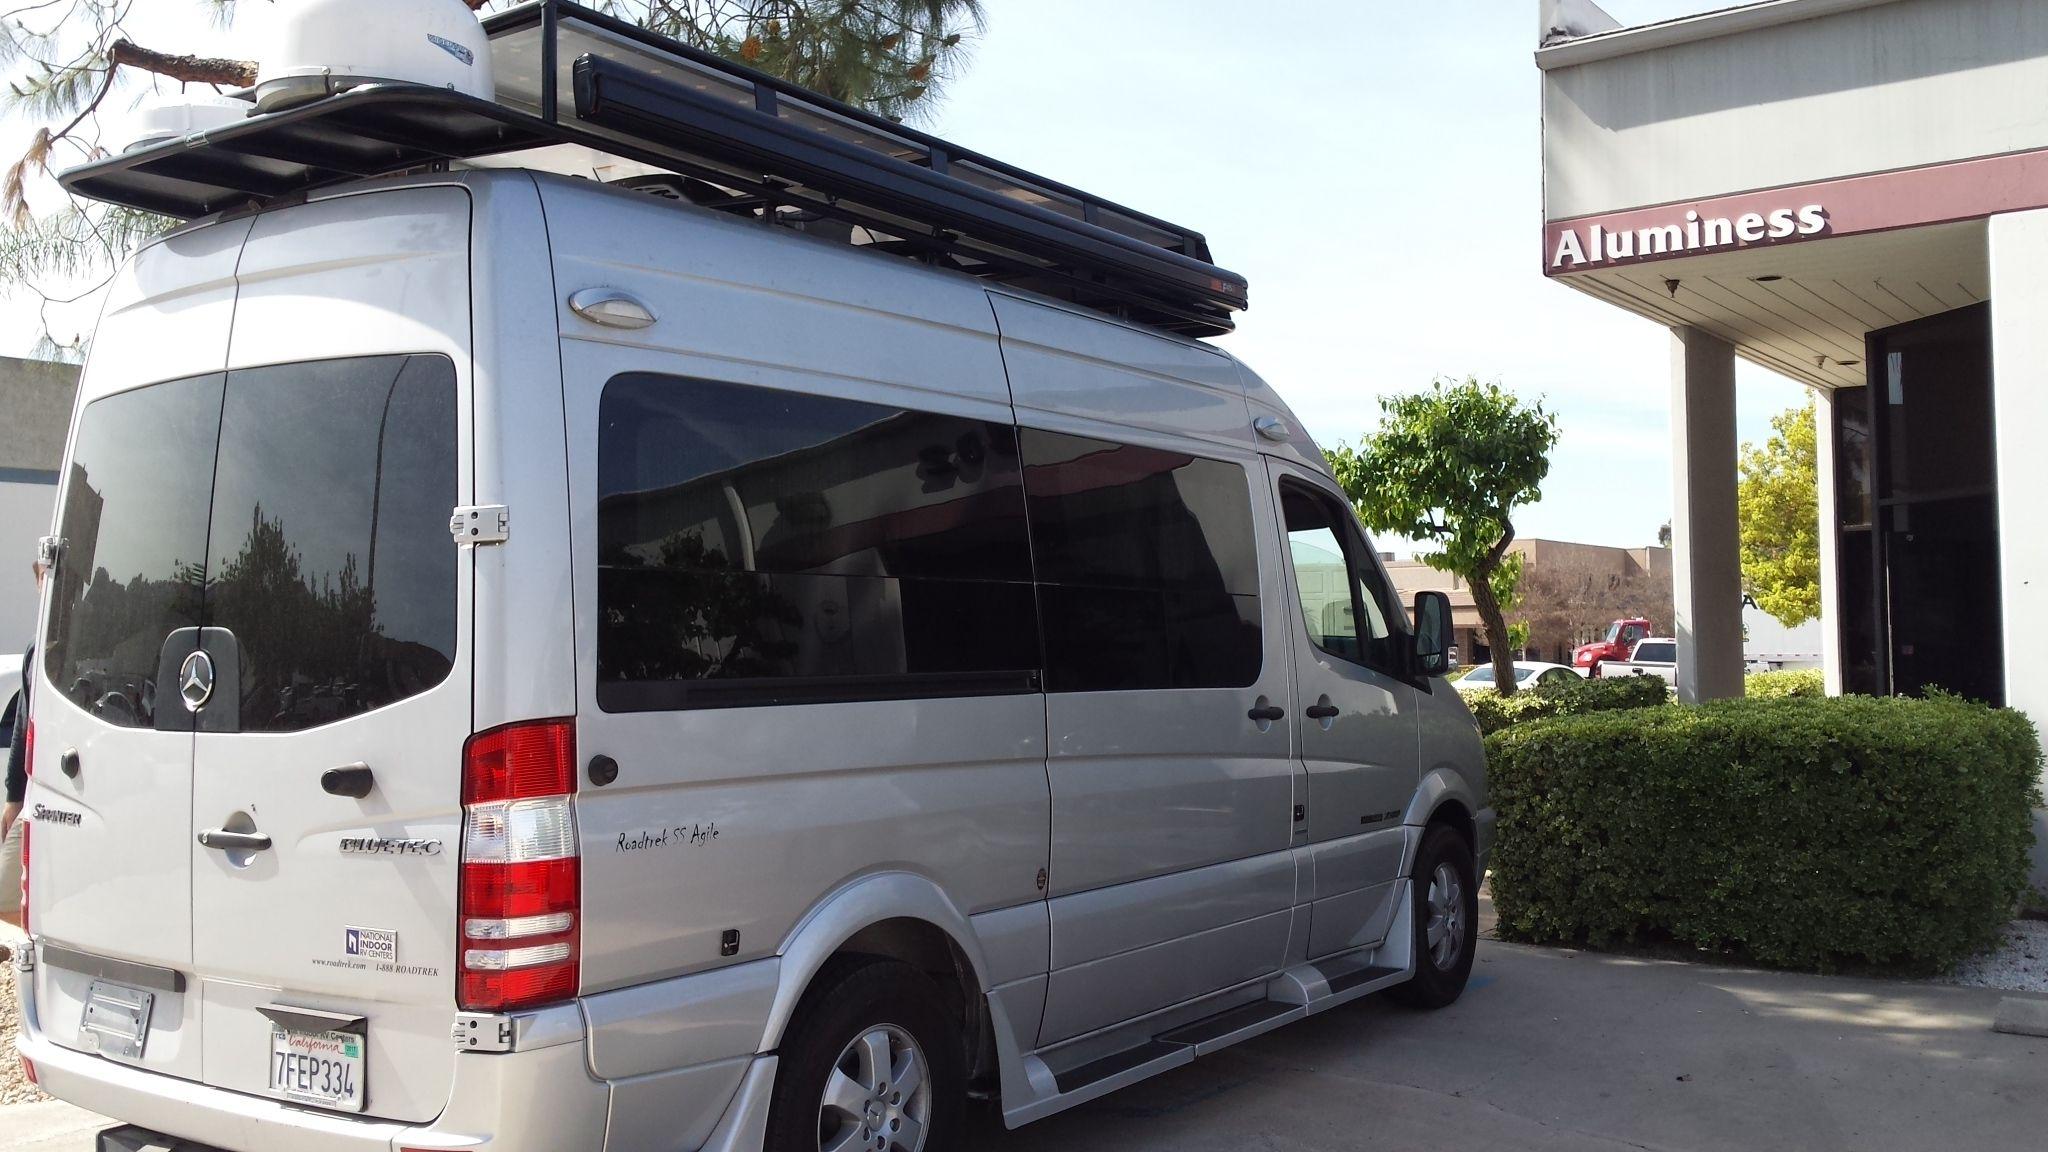 Pin on Roadtrek Vans with Aluminess gear